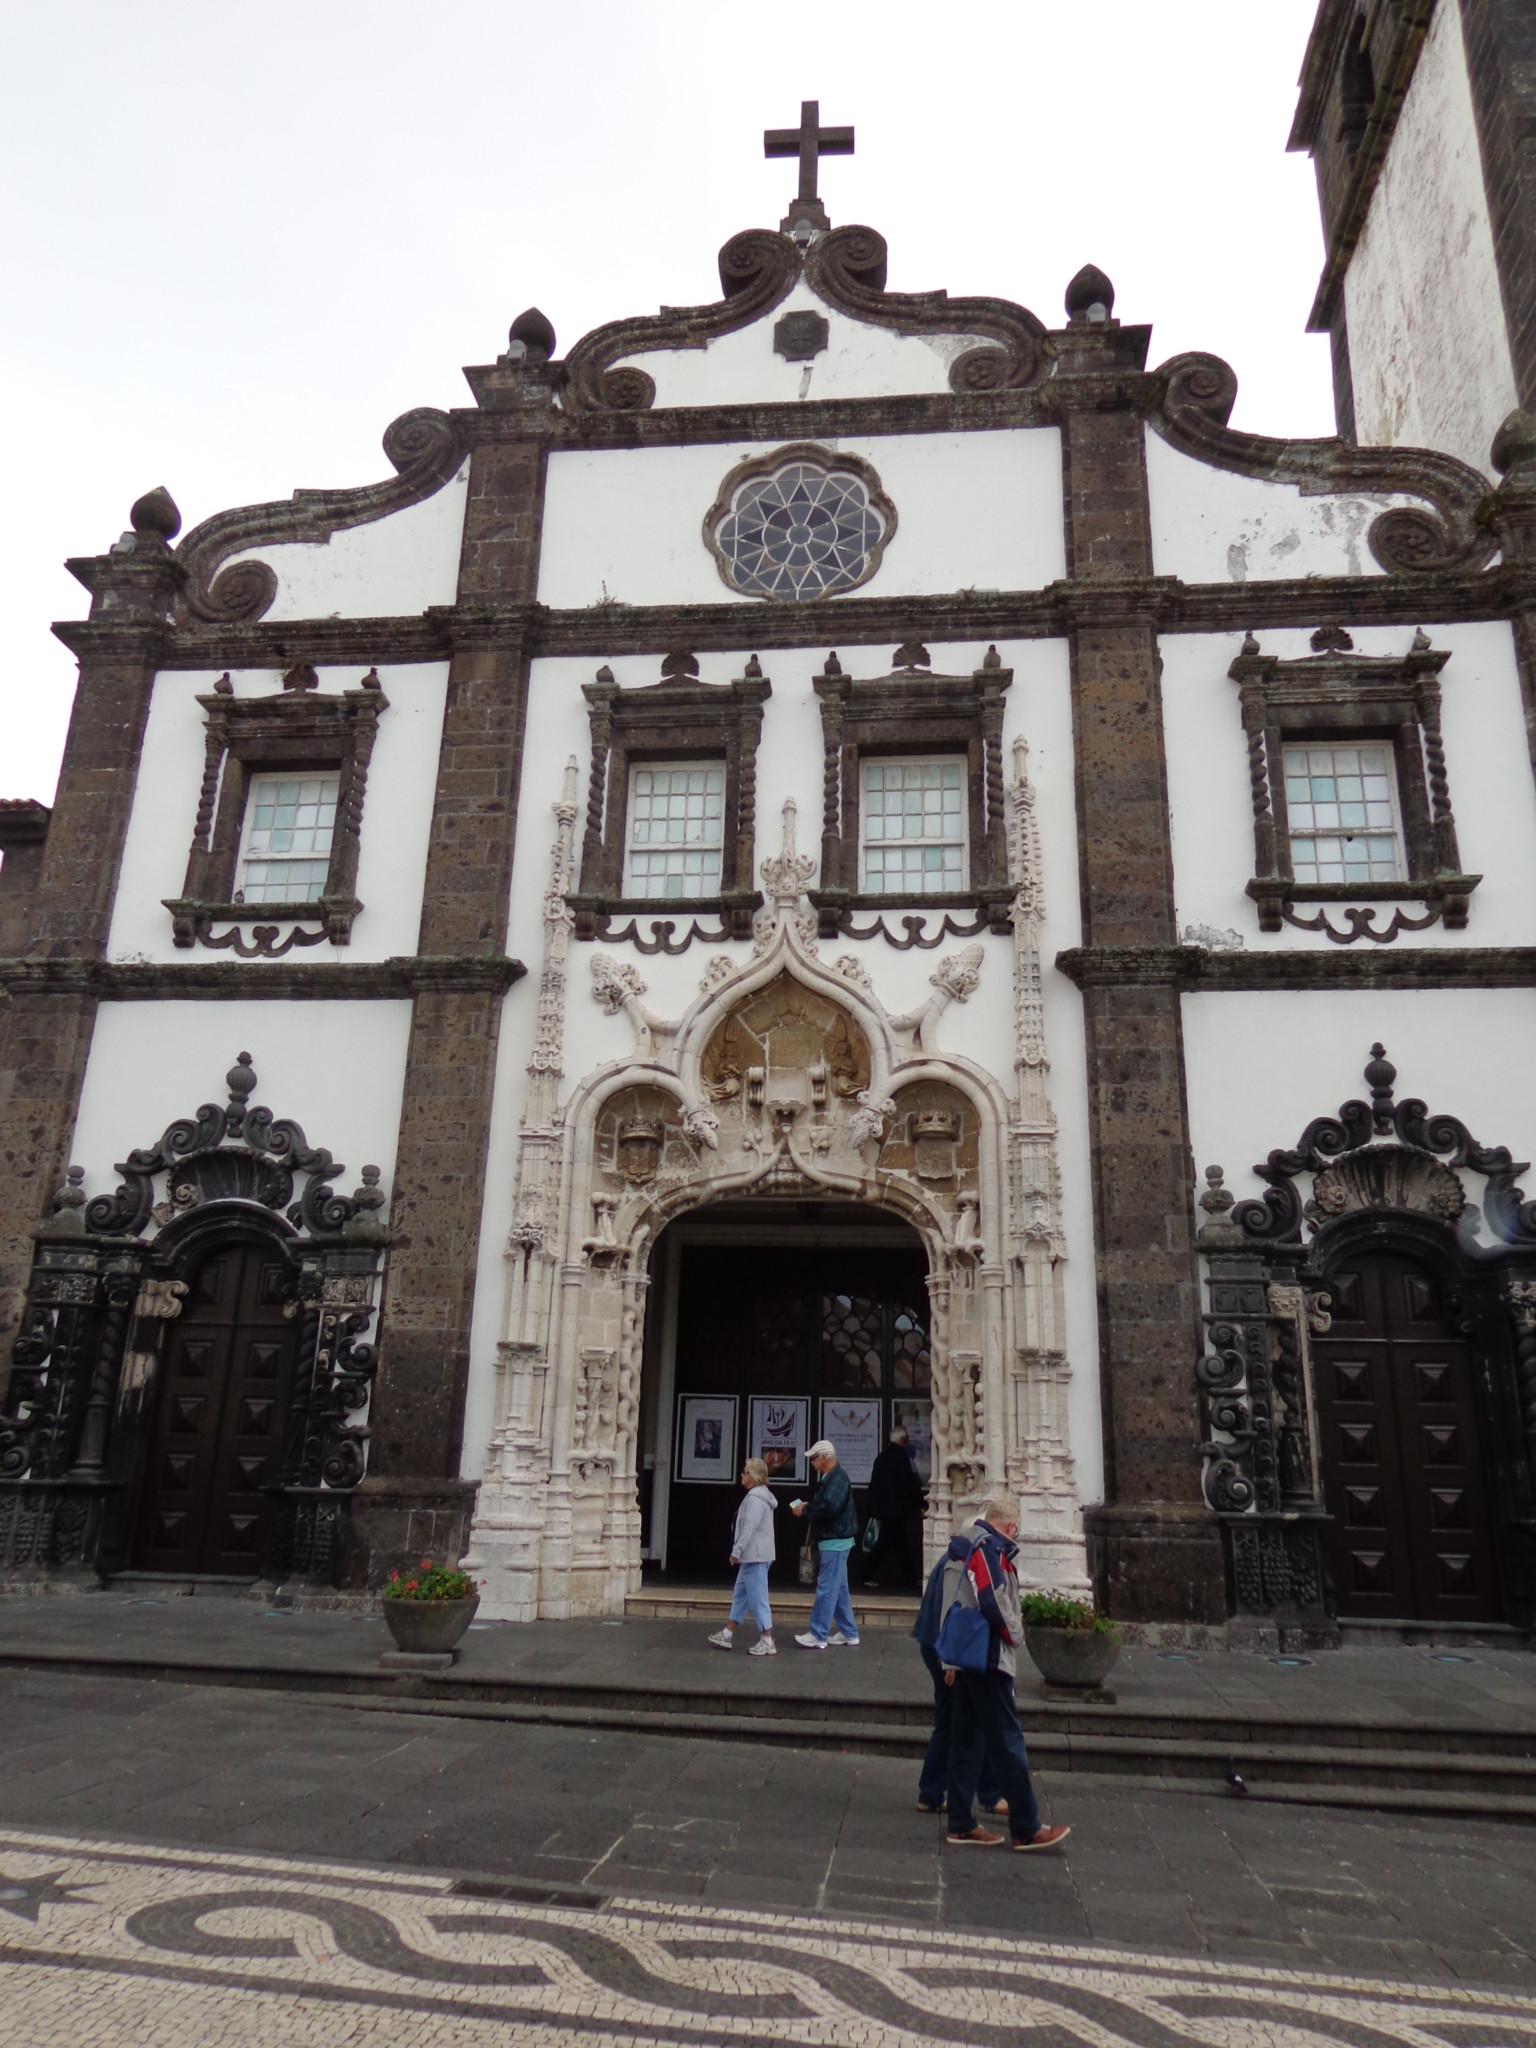 The Azores Architecture